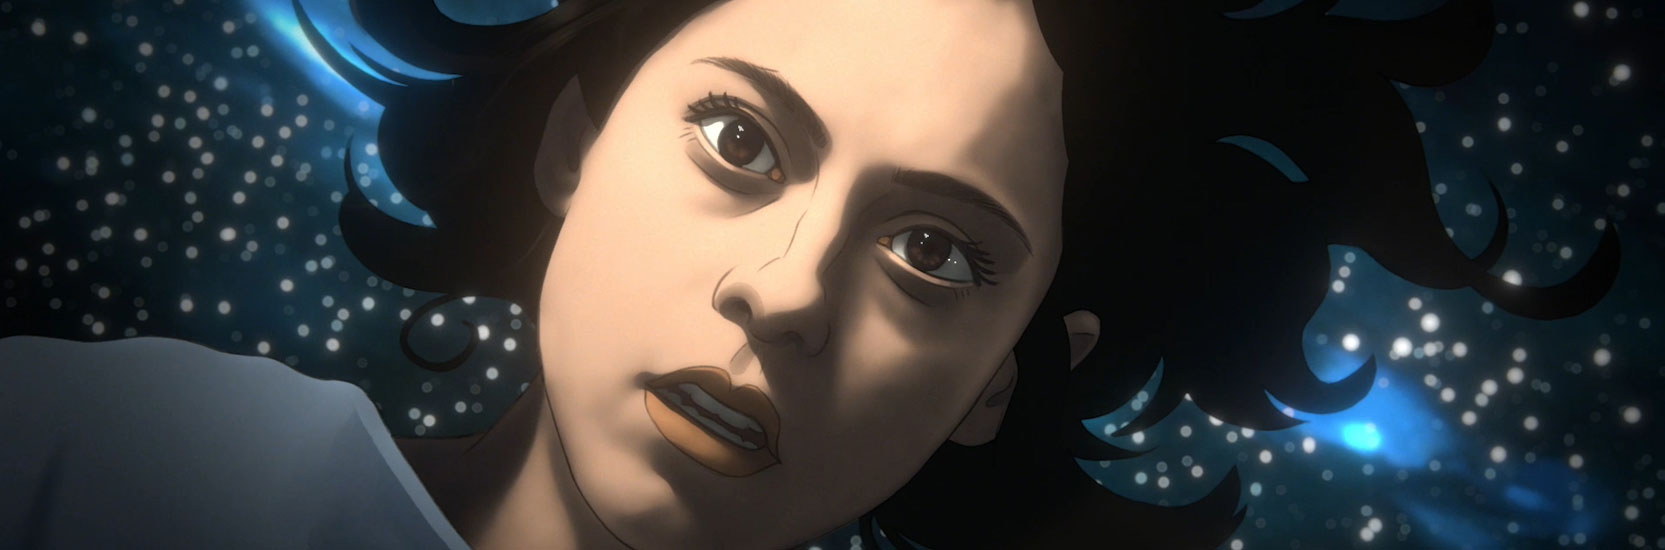 """L'étrange série """"Undone"""" est désormais disponible sur Prime Vidéo"""